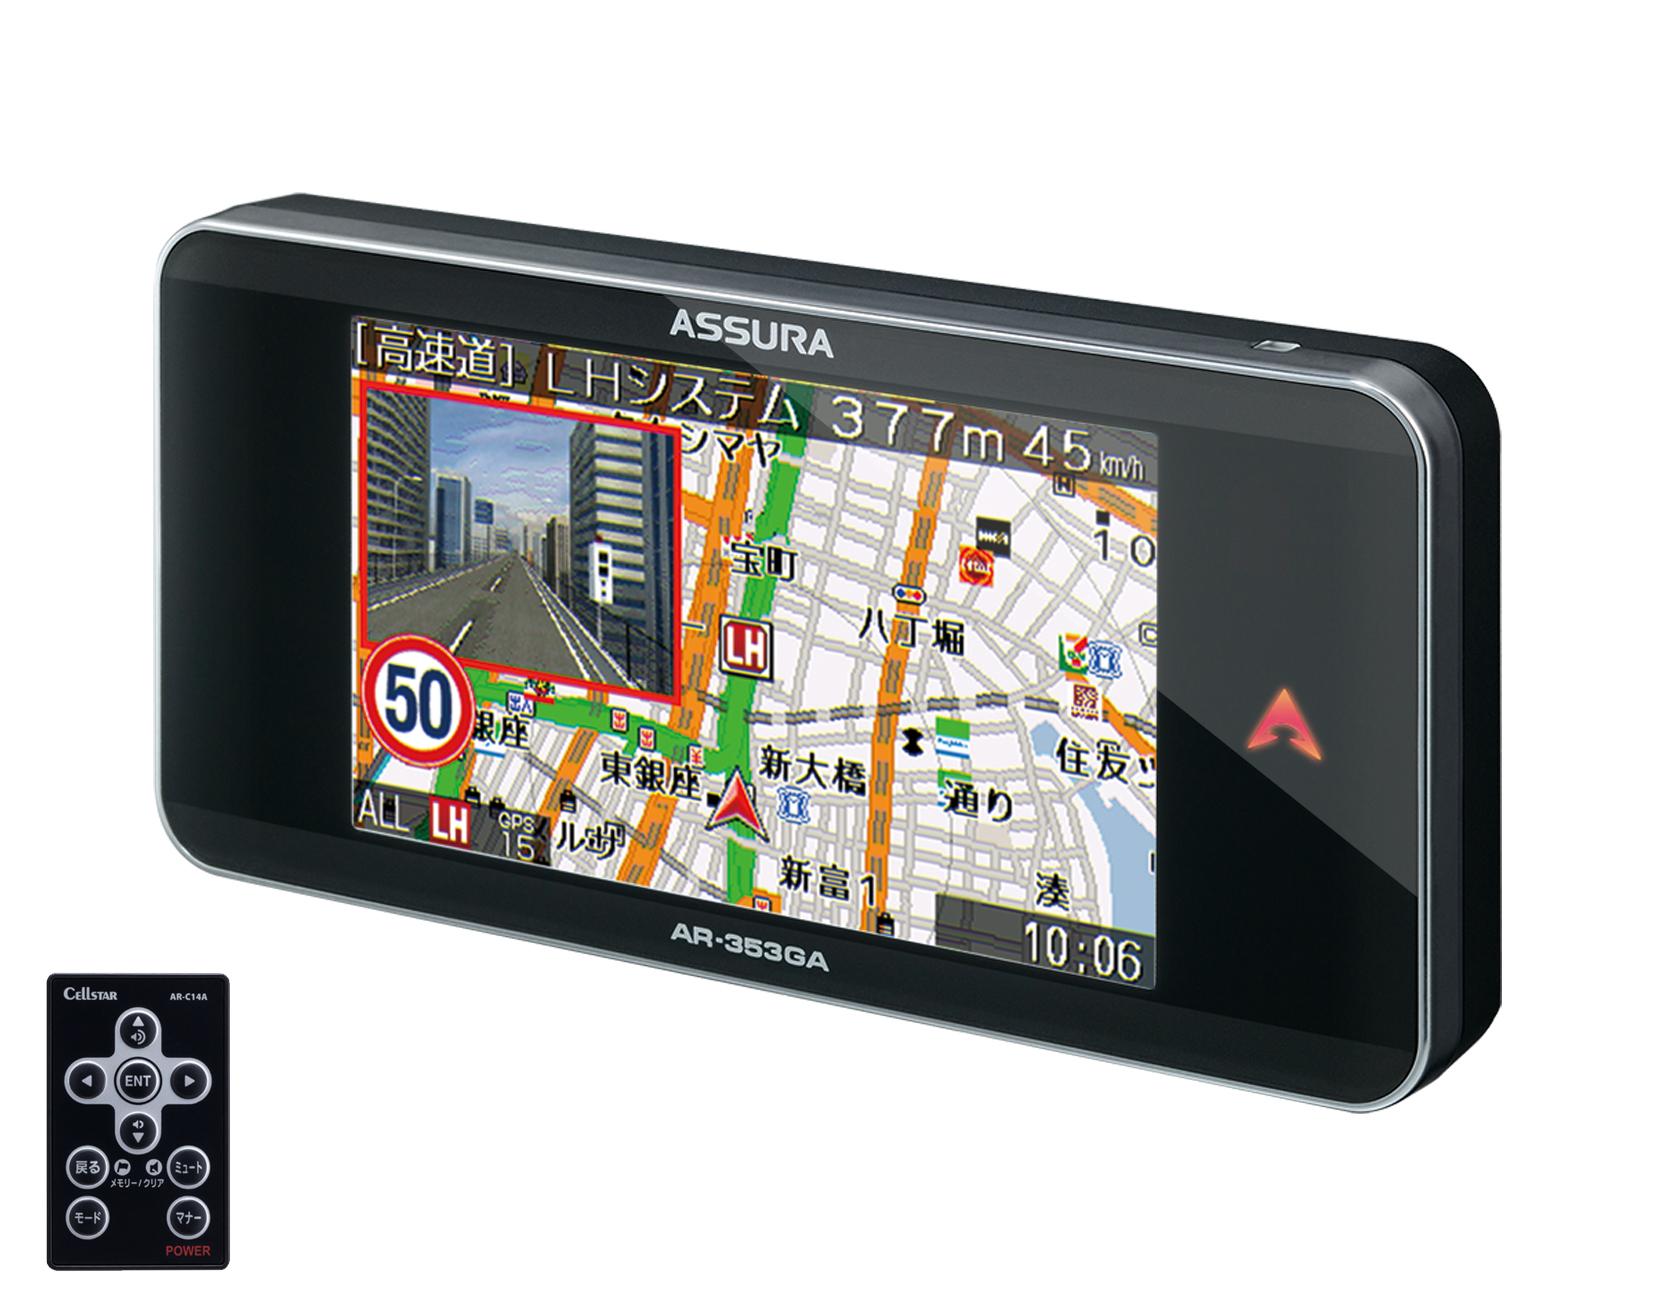 【在庫限り】AR-353GA GPSレーダー探知機 [一体型][無線LAN搭載][3.2インチ][アウトレット]